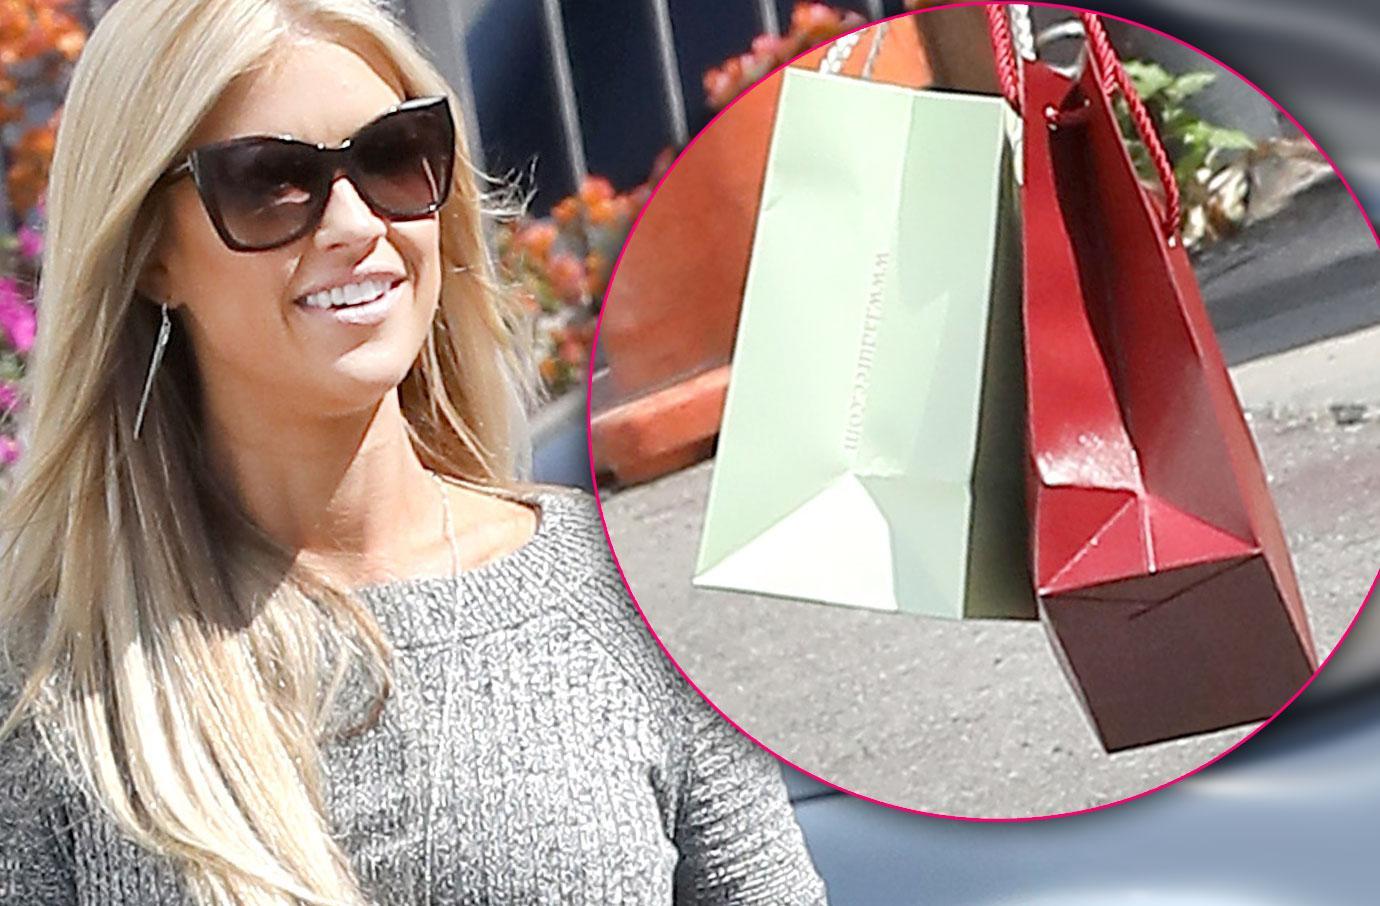 Tarek Christina El Moussa Divorce Hooking Up Confession Shopping Pics